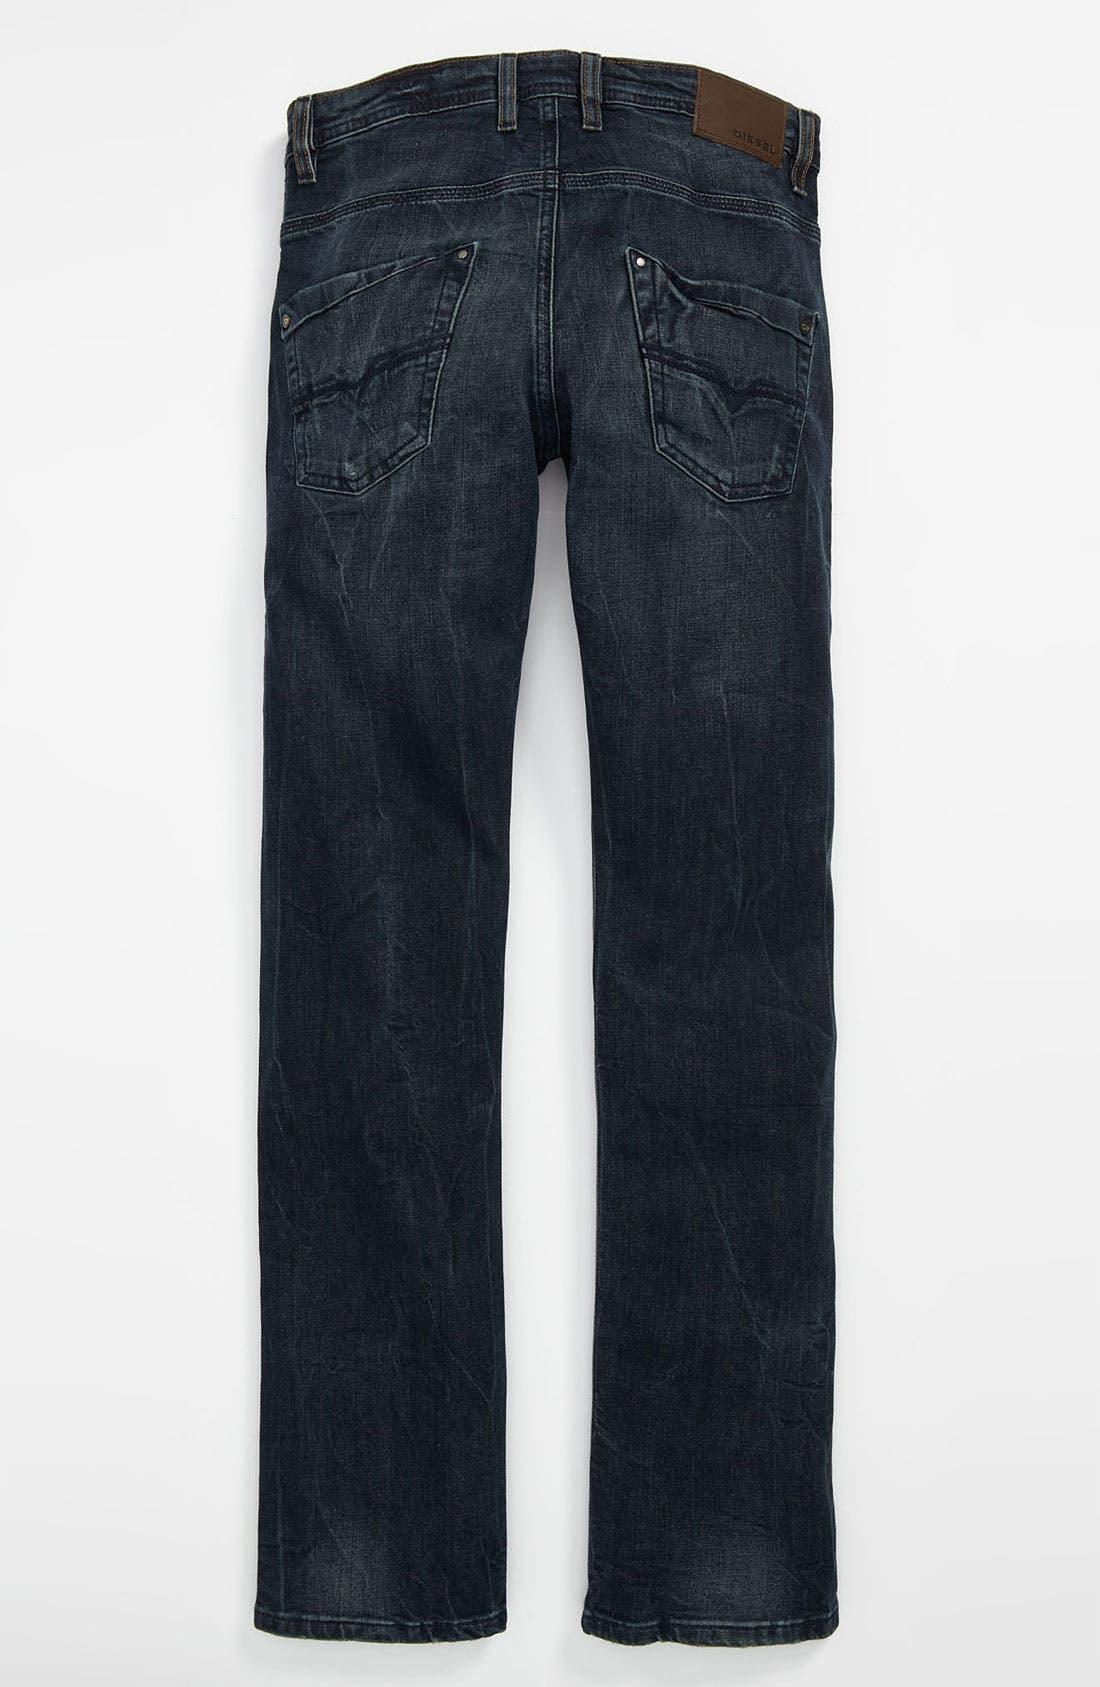 Alternate Image 1 Selected - DIESEL® 'Krooley' Jeans (Big Boys)